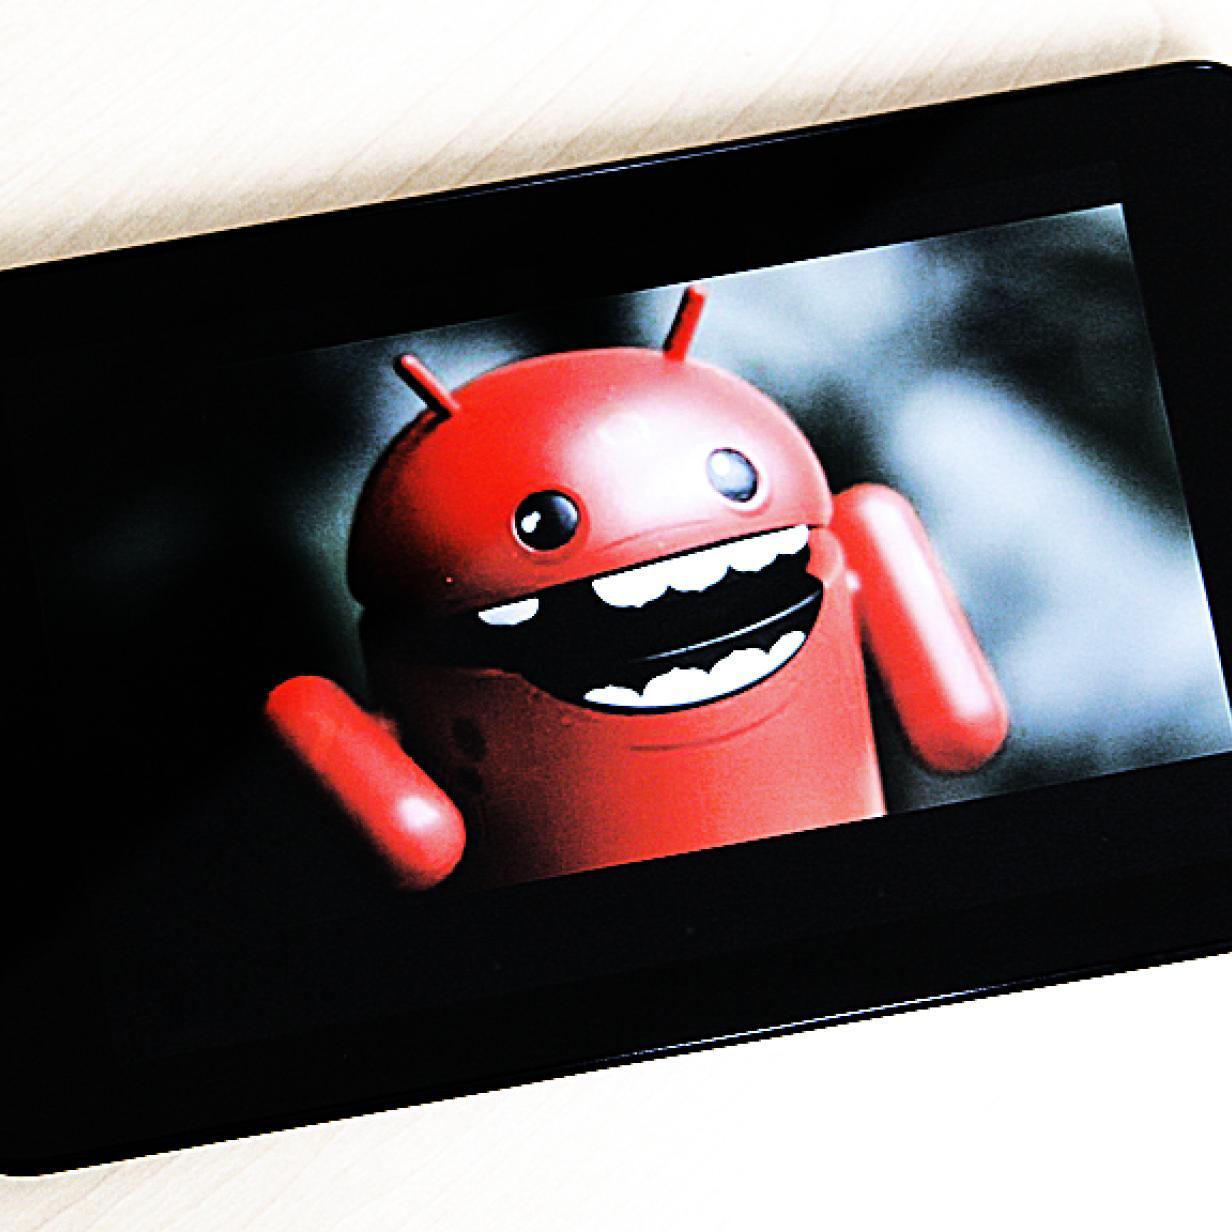 Google killt die Zurück-Taste in Android